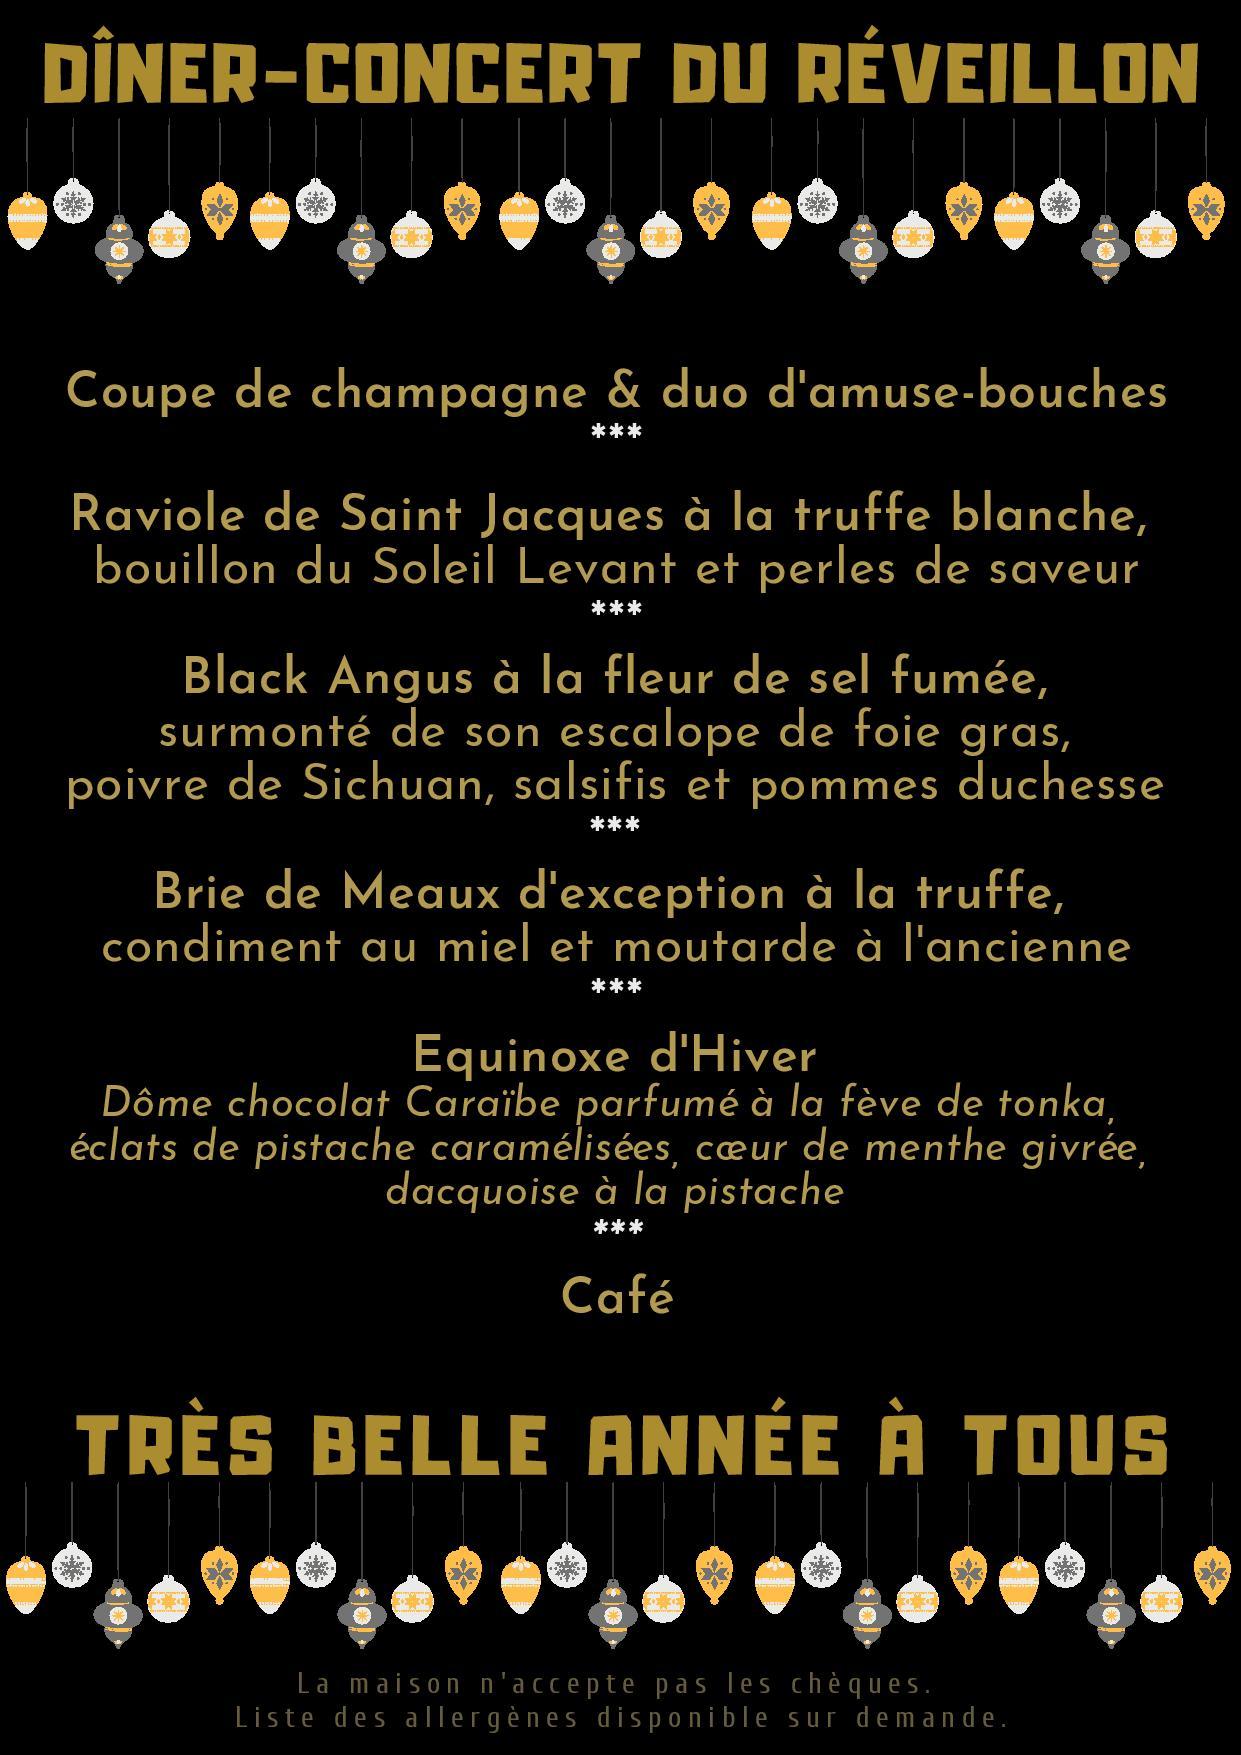 Formule Dîner+Concert_Réveillon-page-001